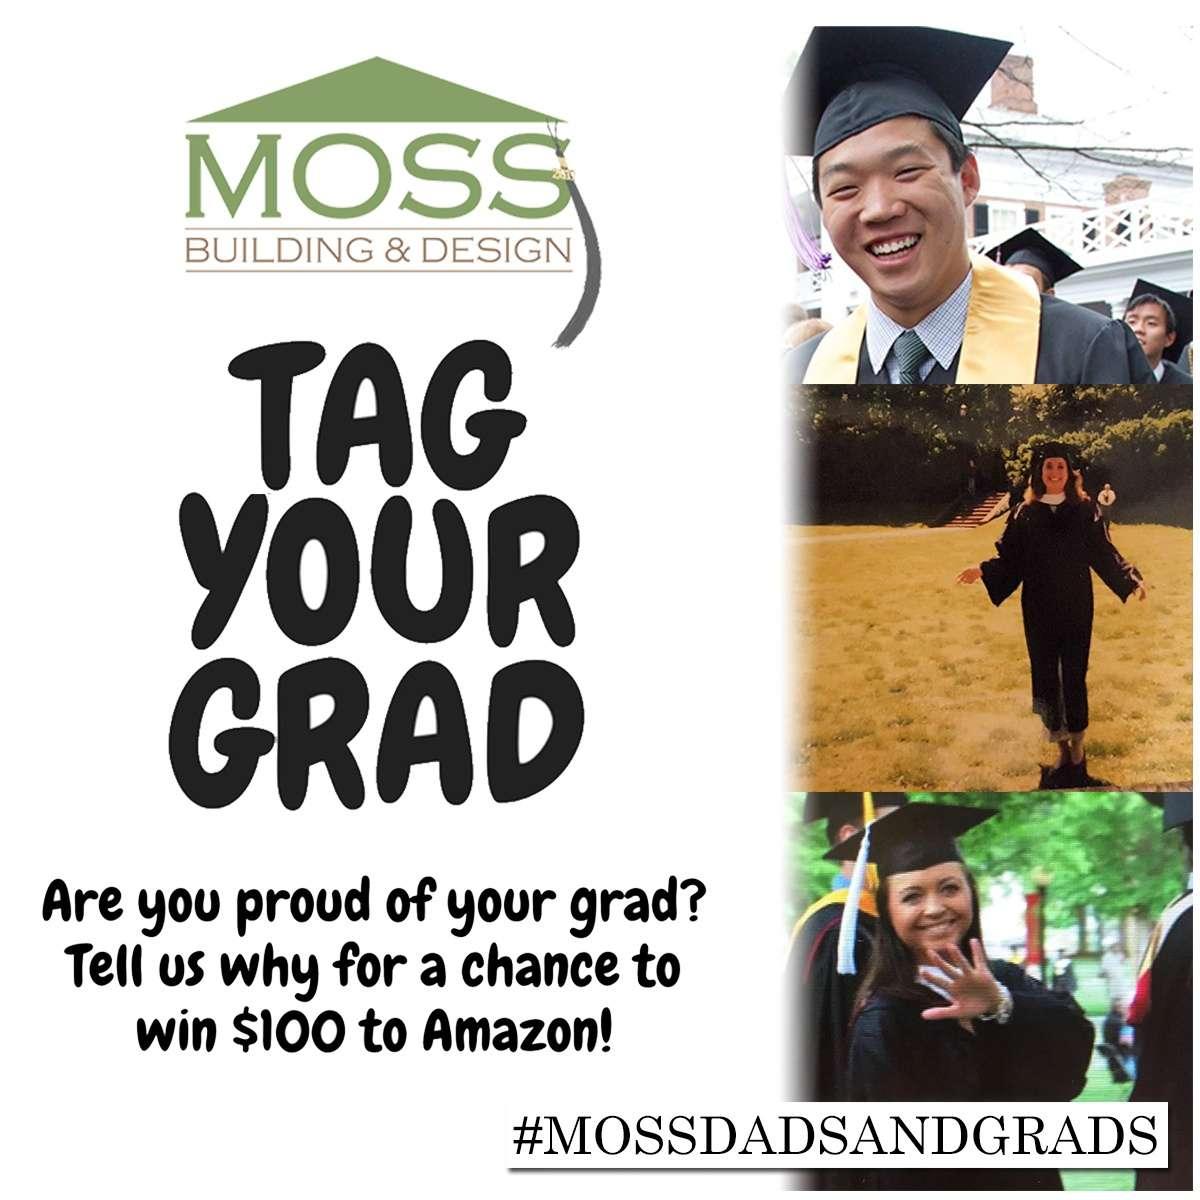 tag your grads v3-1.jpg